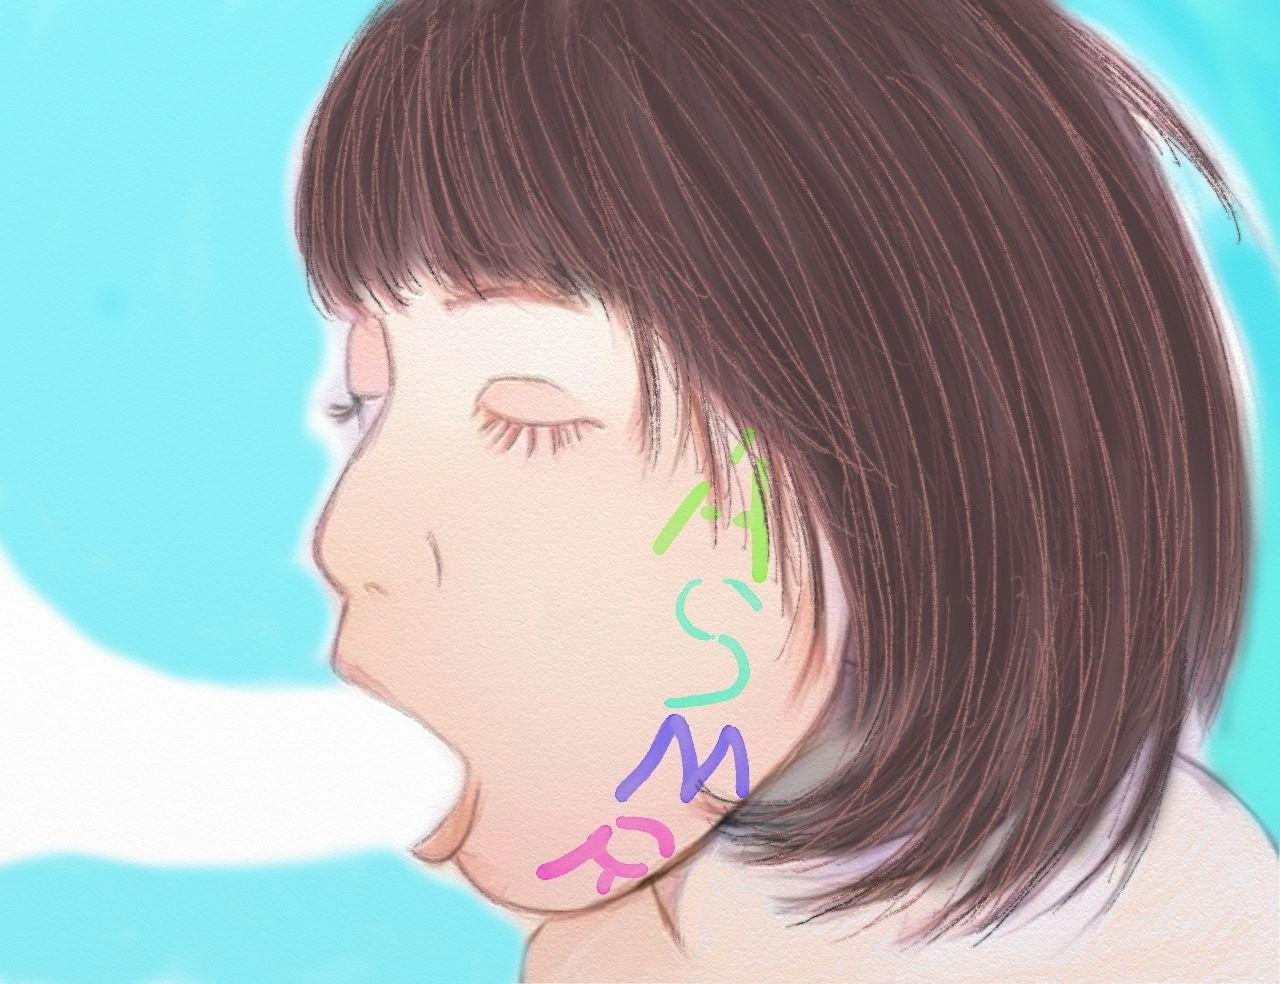 【ASMR】えっちな口のフェラチオ音声 じゅぽじゅぽバイノーラル